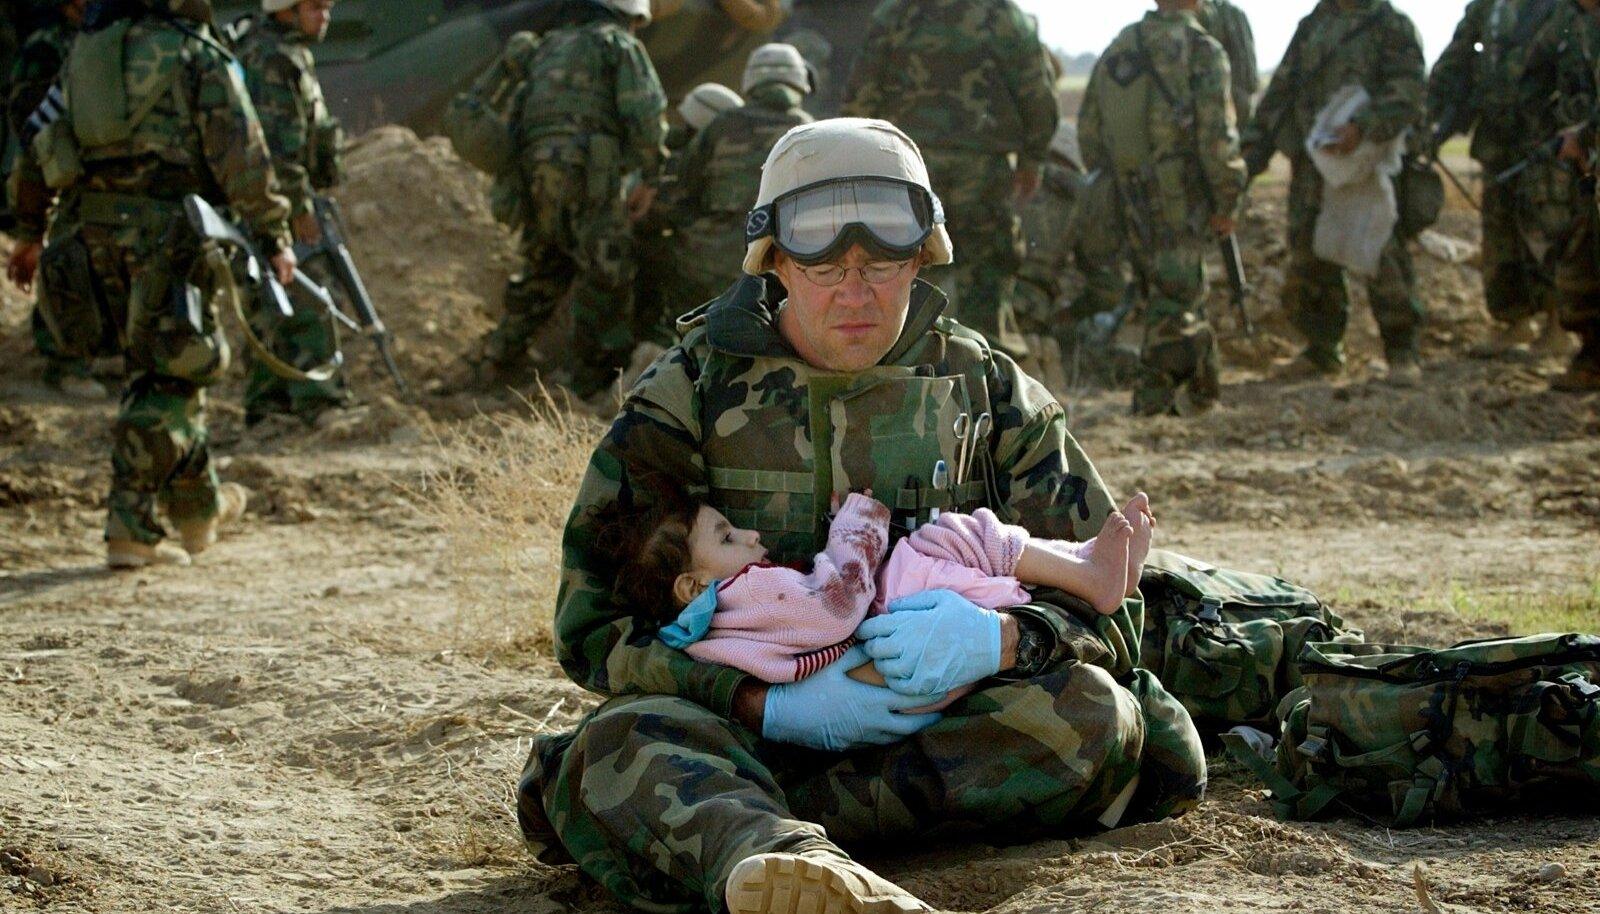 Iraagi sõda 2003. USA sõdur hoiab süles Iraagi last, kelle pere sai kahe tule vahel surma.